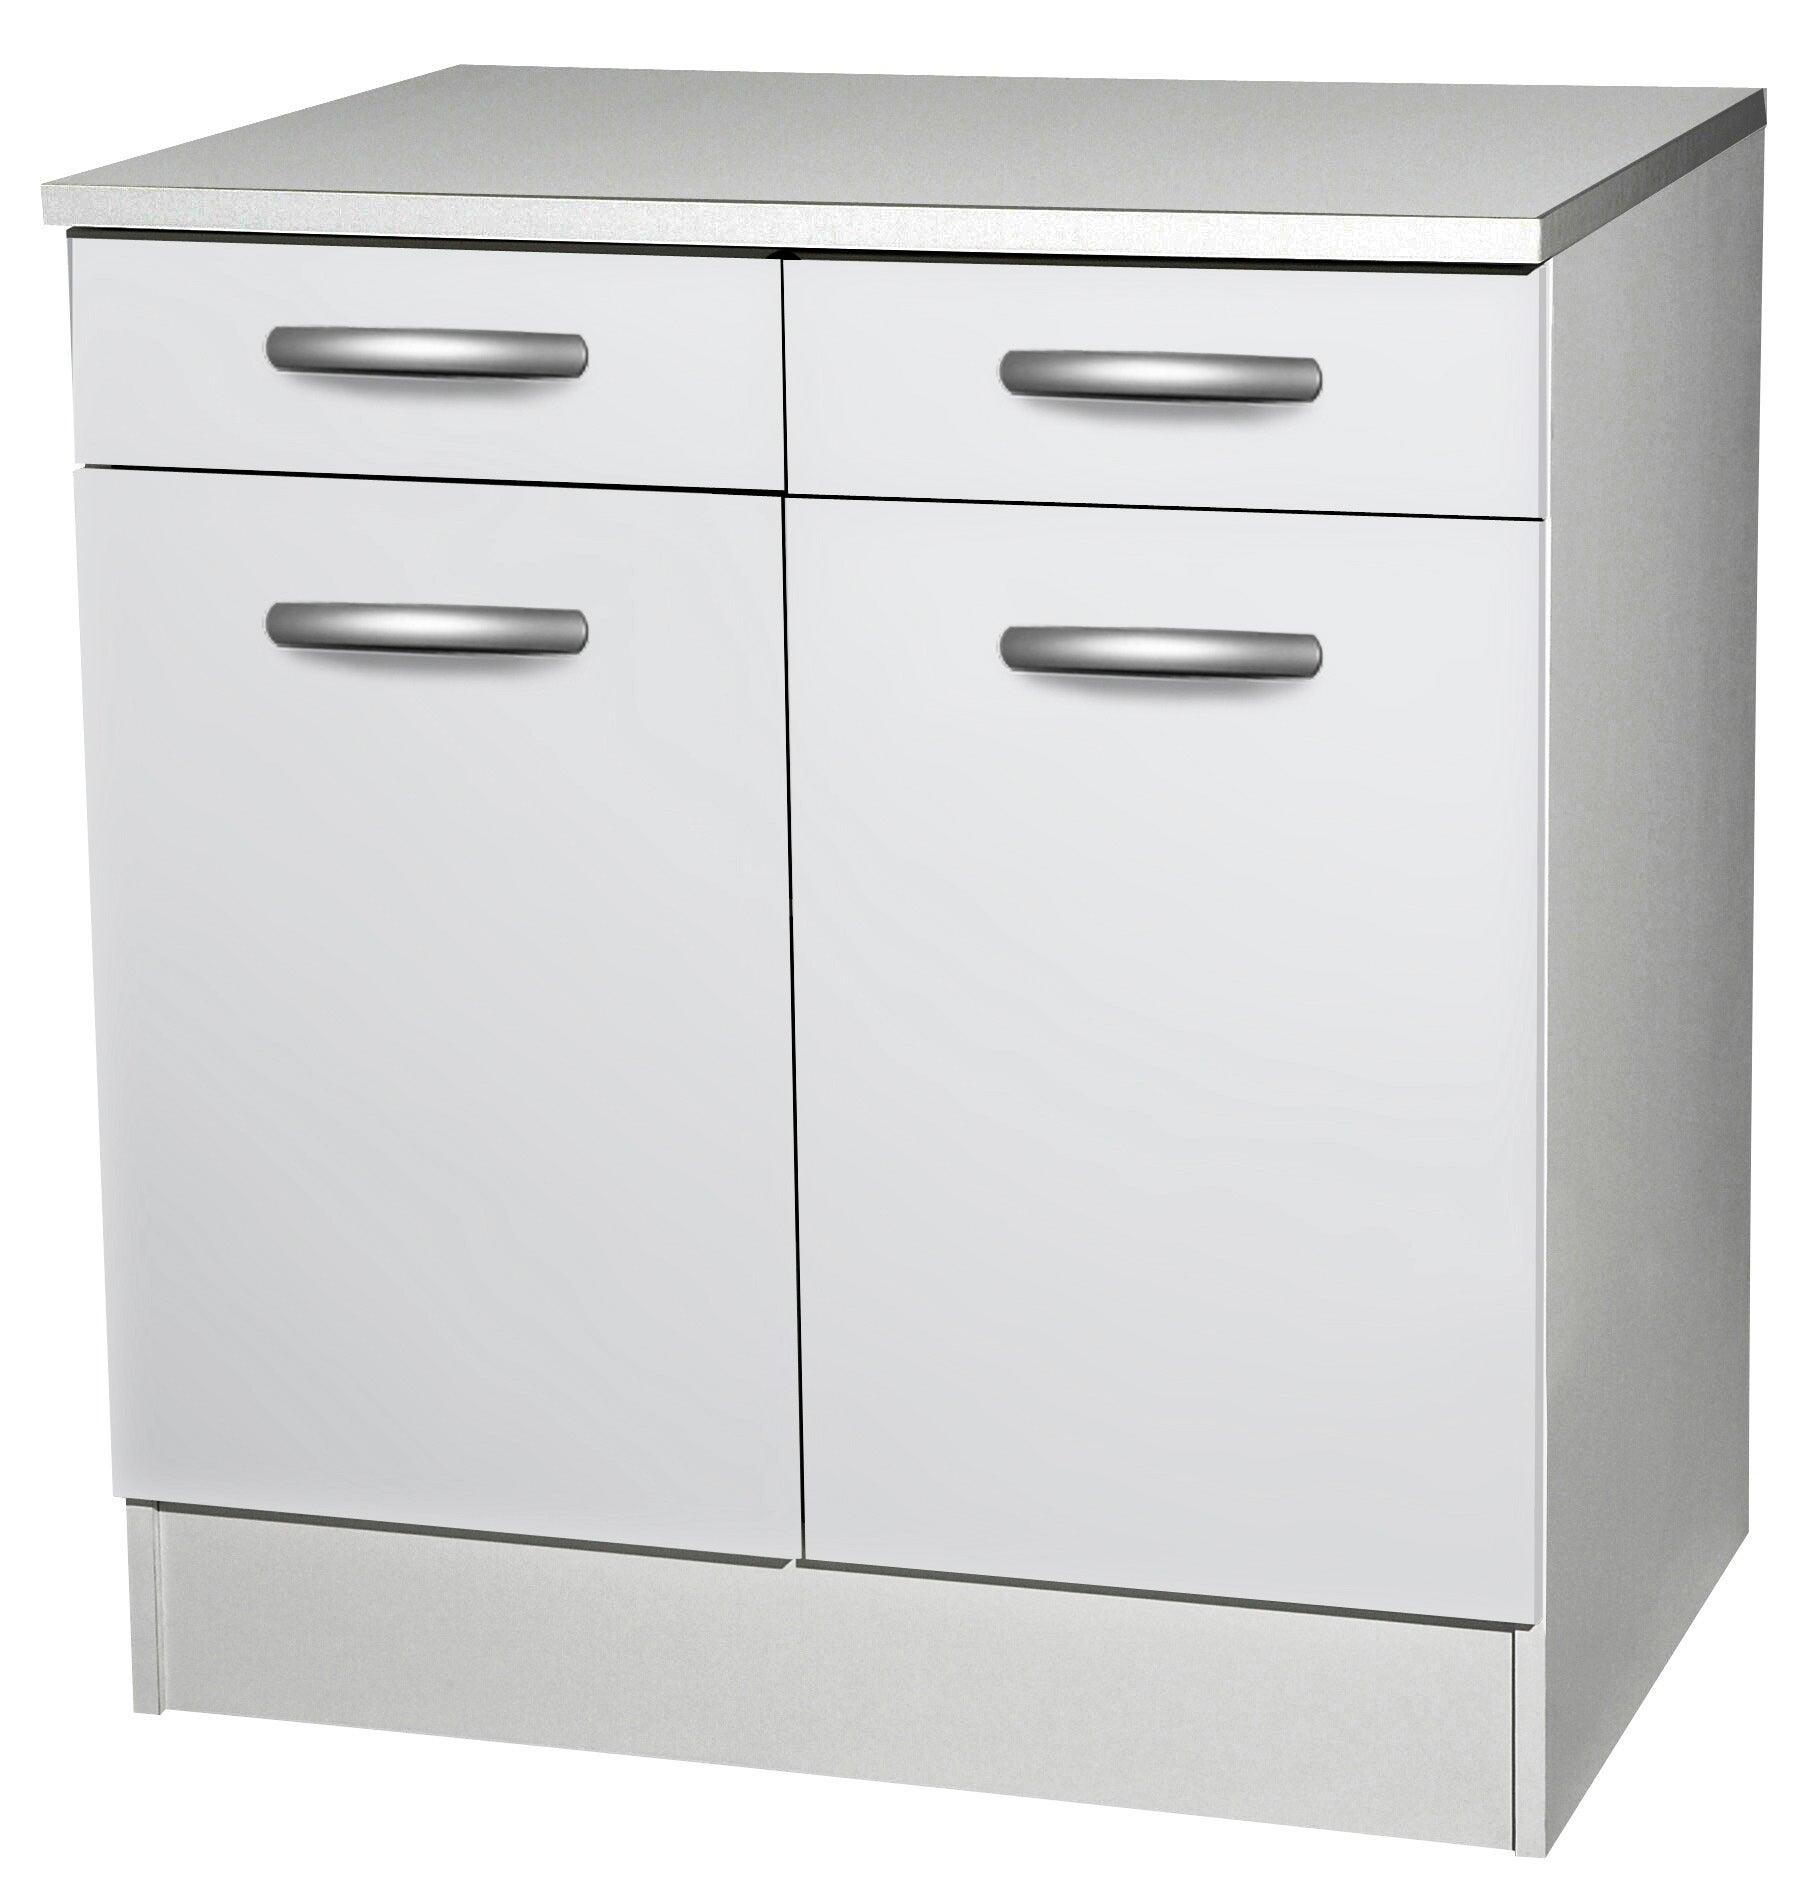 Meuble de cuisine bas 11 portes + 11 tiroirs, blanc, h11x l11x p11cm